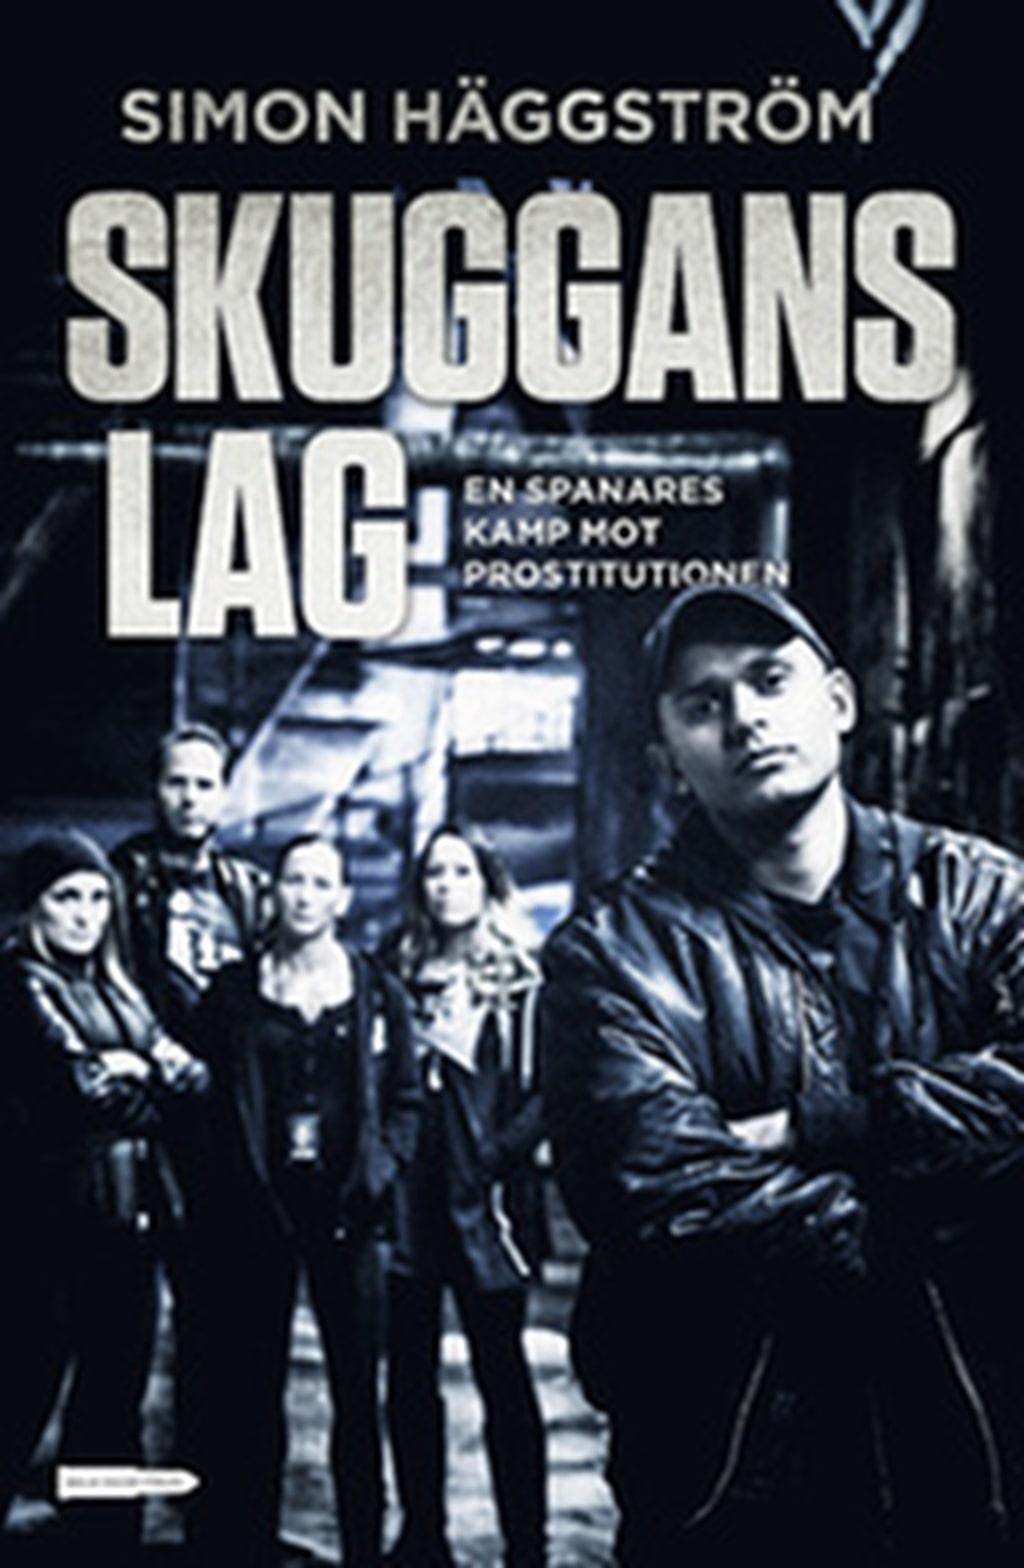 Ny bok. Kriminalinspektör Simon Häggström har skrivit om en spanares kamp mot prostitutionen.